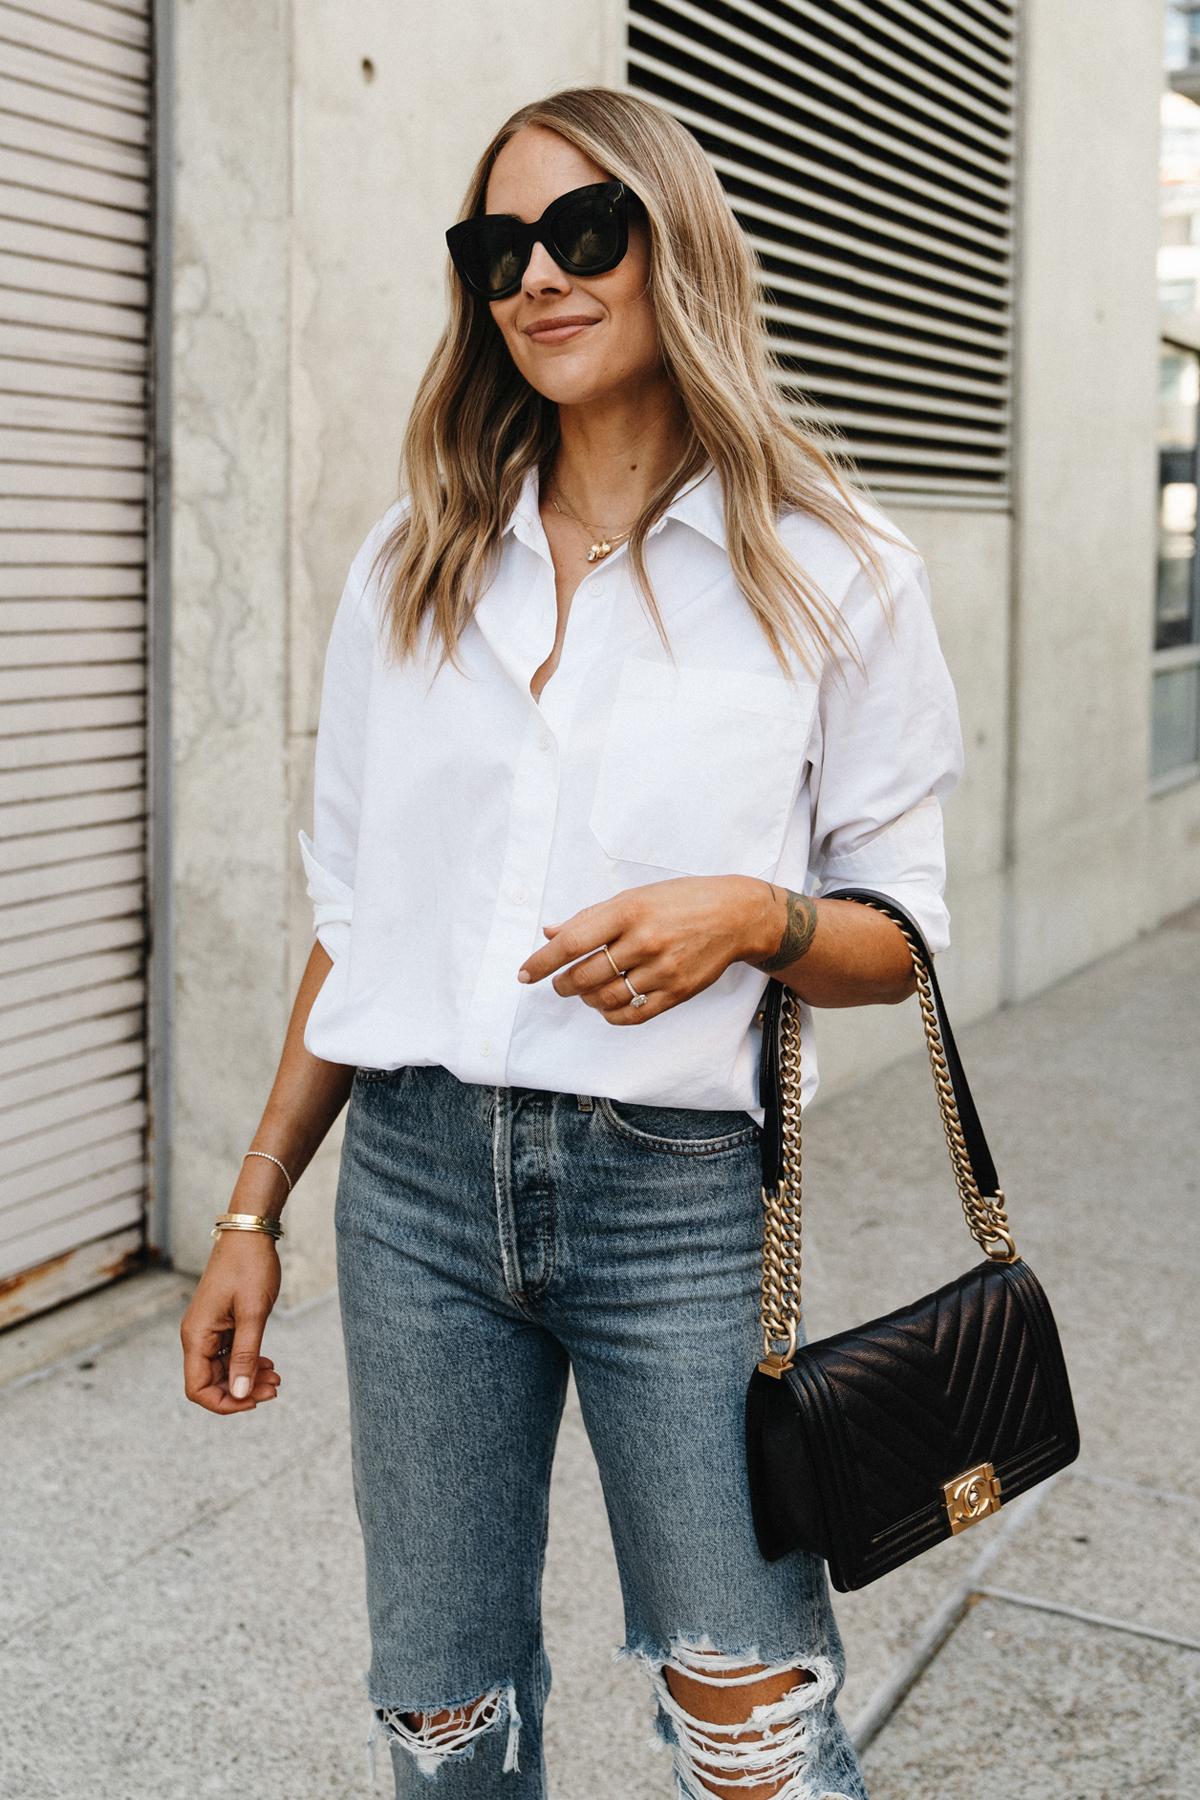 Fashion Jackson Wearing Jenni Kayne White Button Up Shirt AGOLDE Ripped Jeans Chanel Black Boy Bag